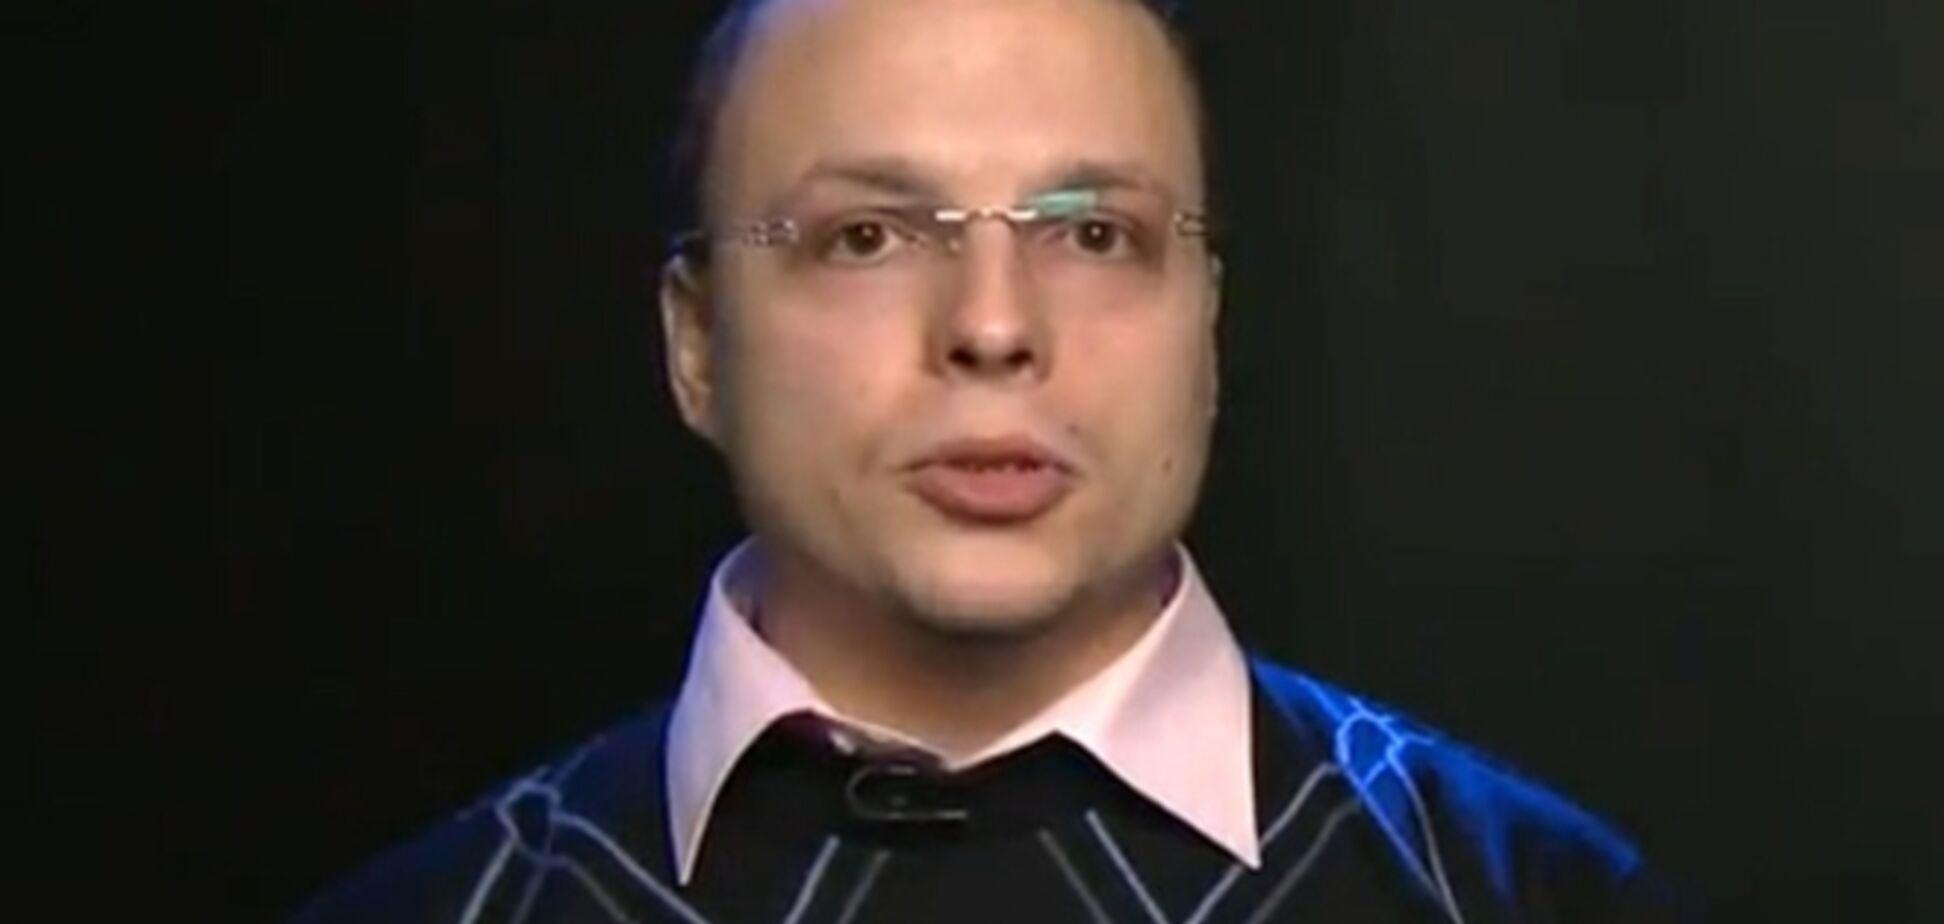 Комментатор 'Первого национального' спел в прямом эфире хит про Путина